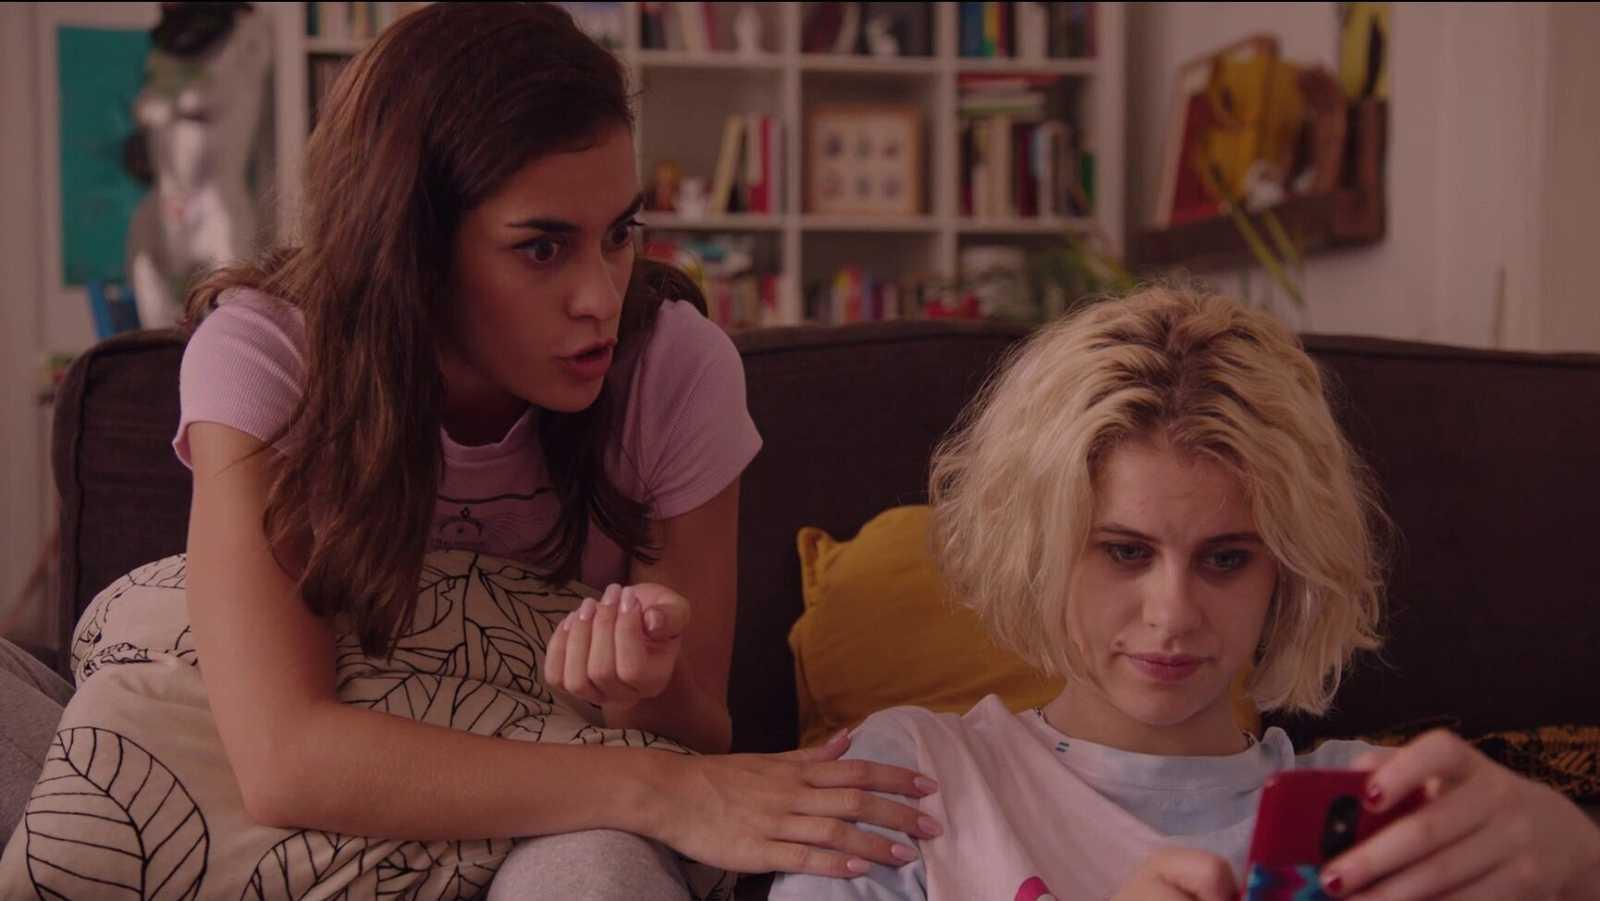 África y Scarlet miran el móvil en una escena de 'Drama'